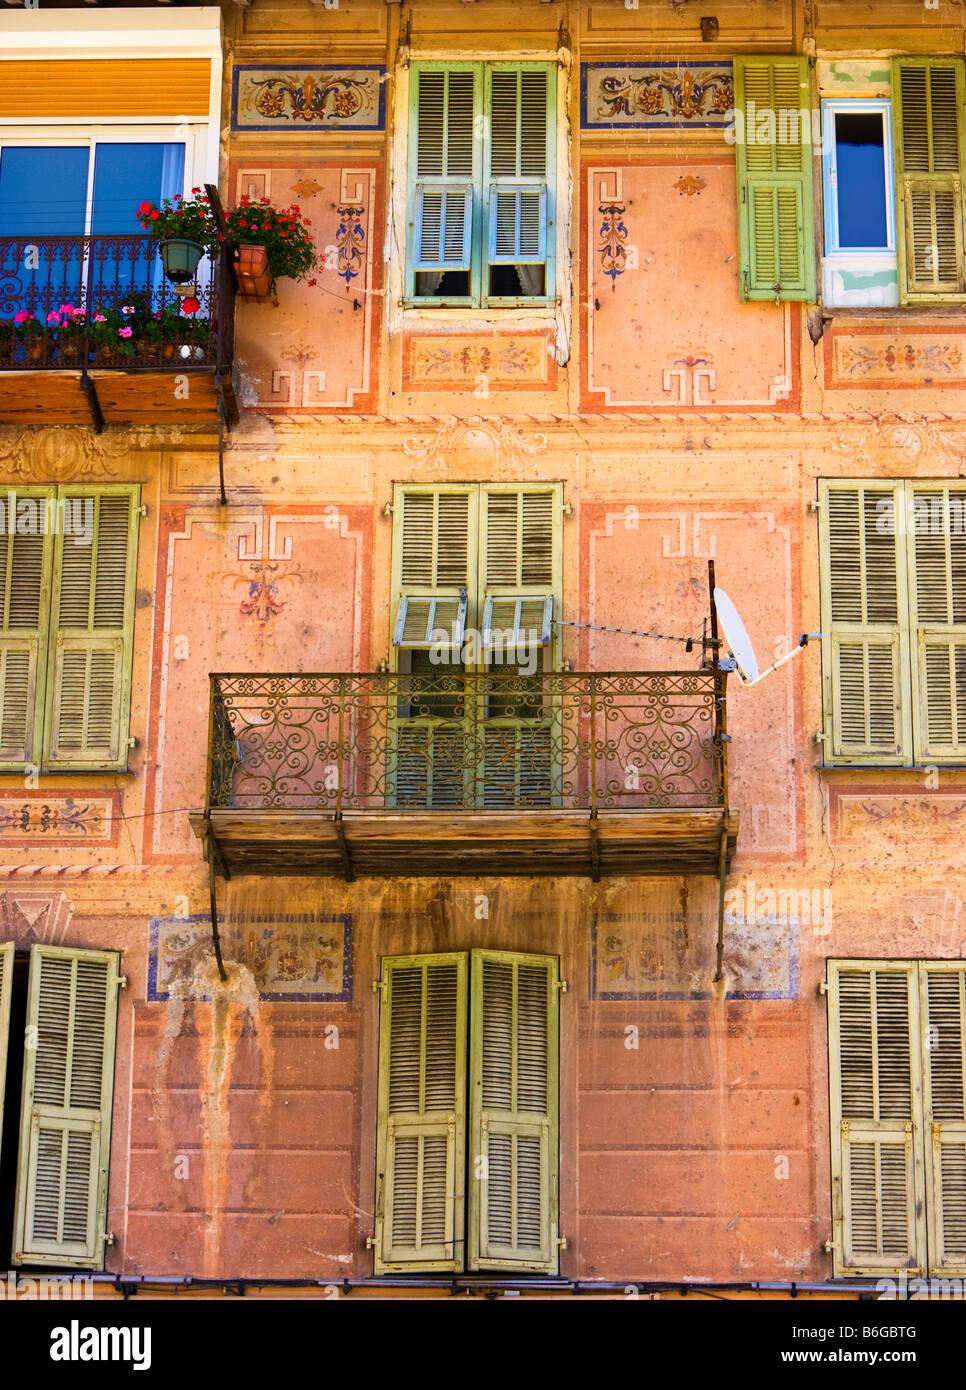 Sud de la France - appartements décorés et balcon à St Sauveur sur Tinee, Provence, France, sud de Photo Stock